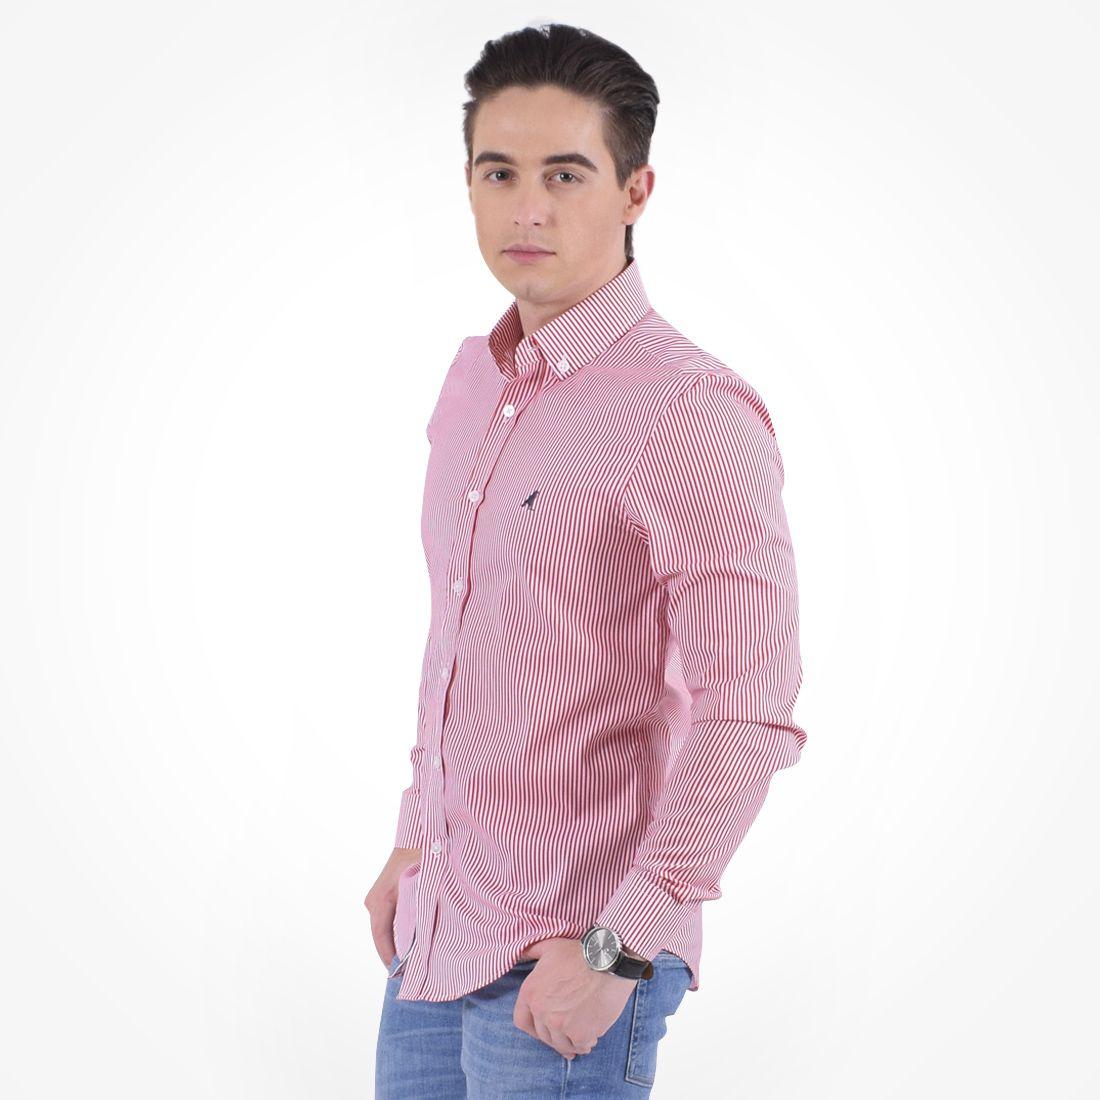 100214 - Camisa Social Listrada Masculina Slim Vermelha - LEVOK